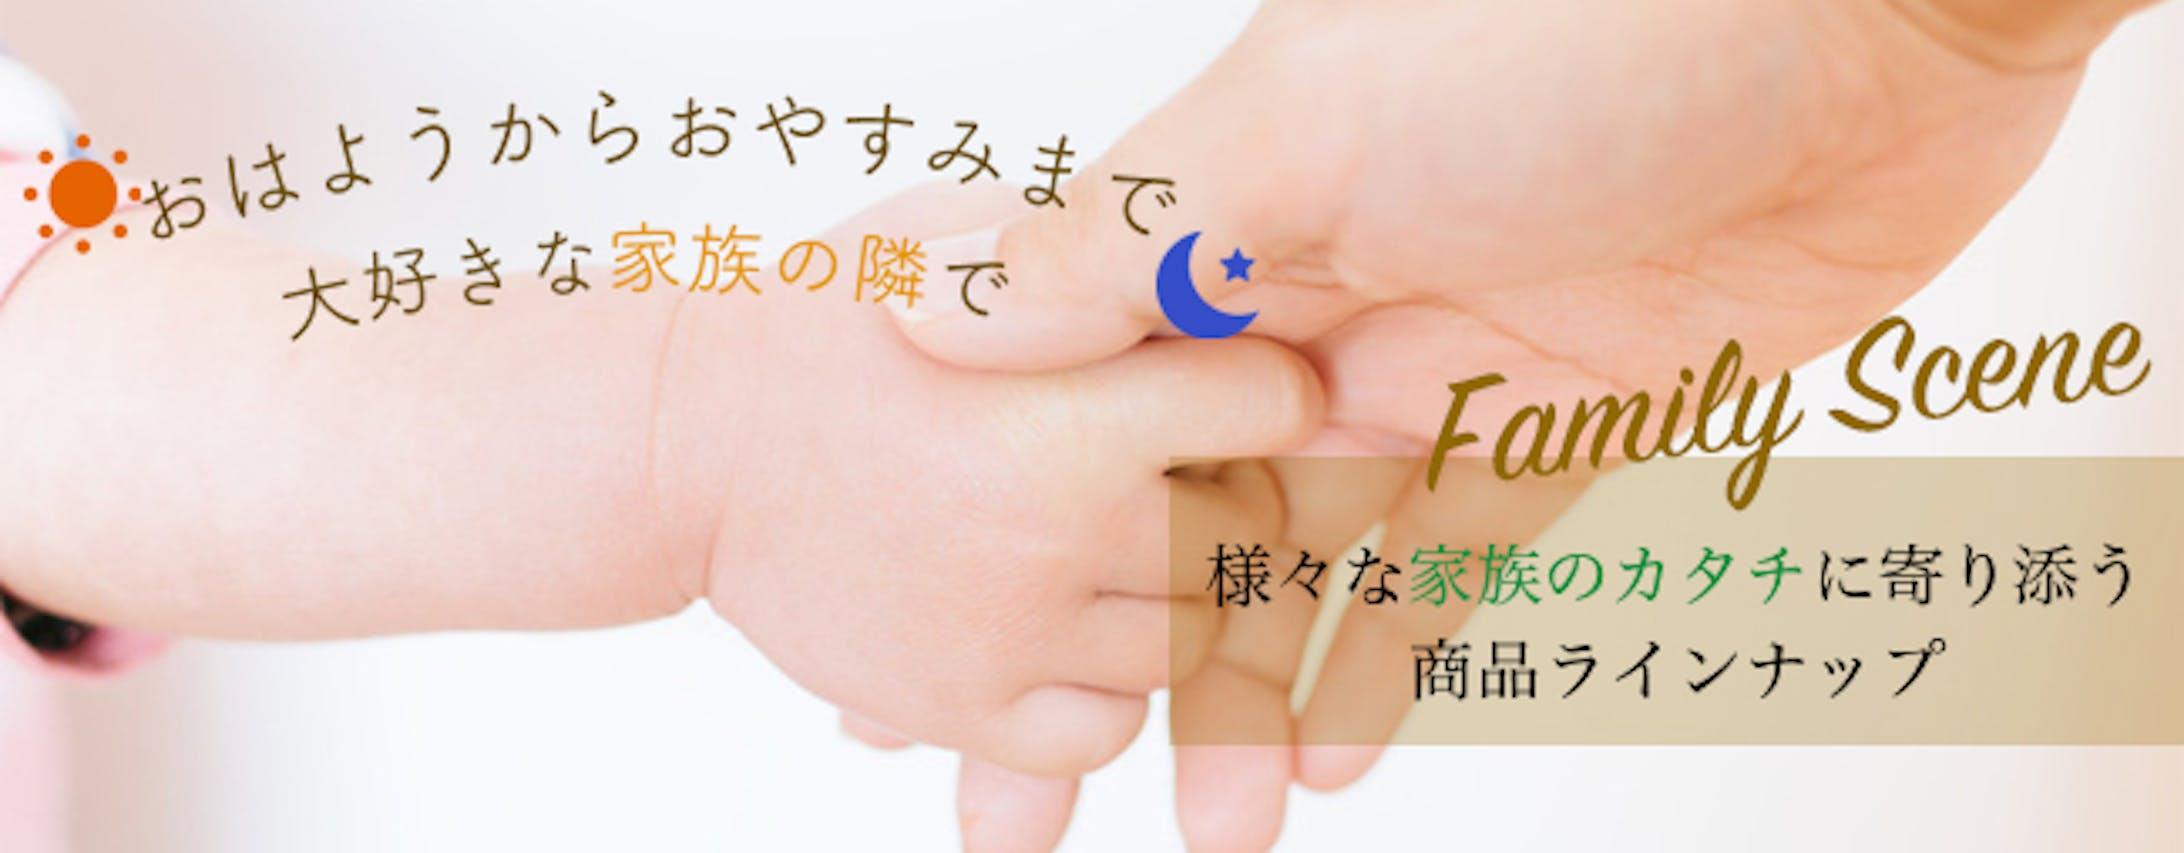 バナー/育児用品-1